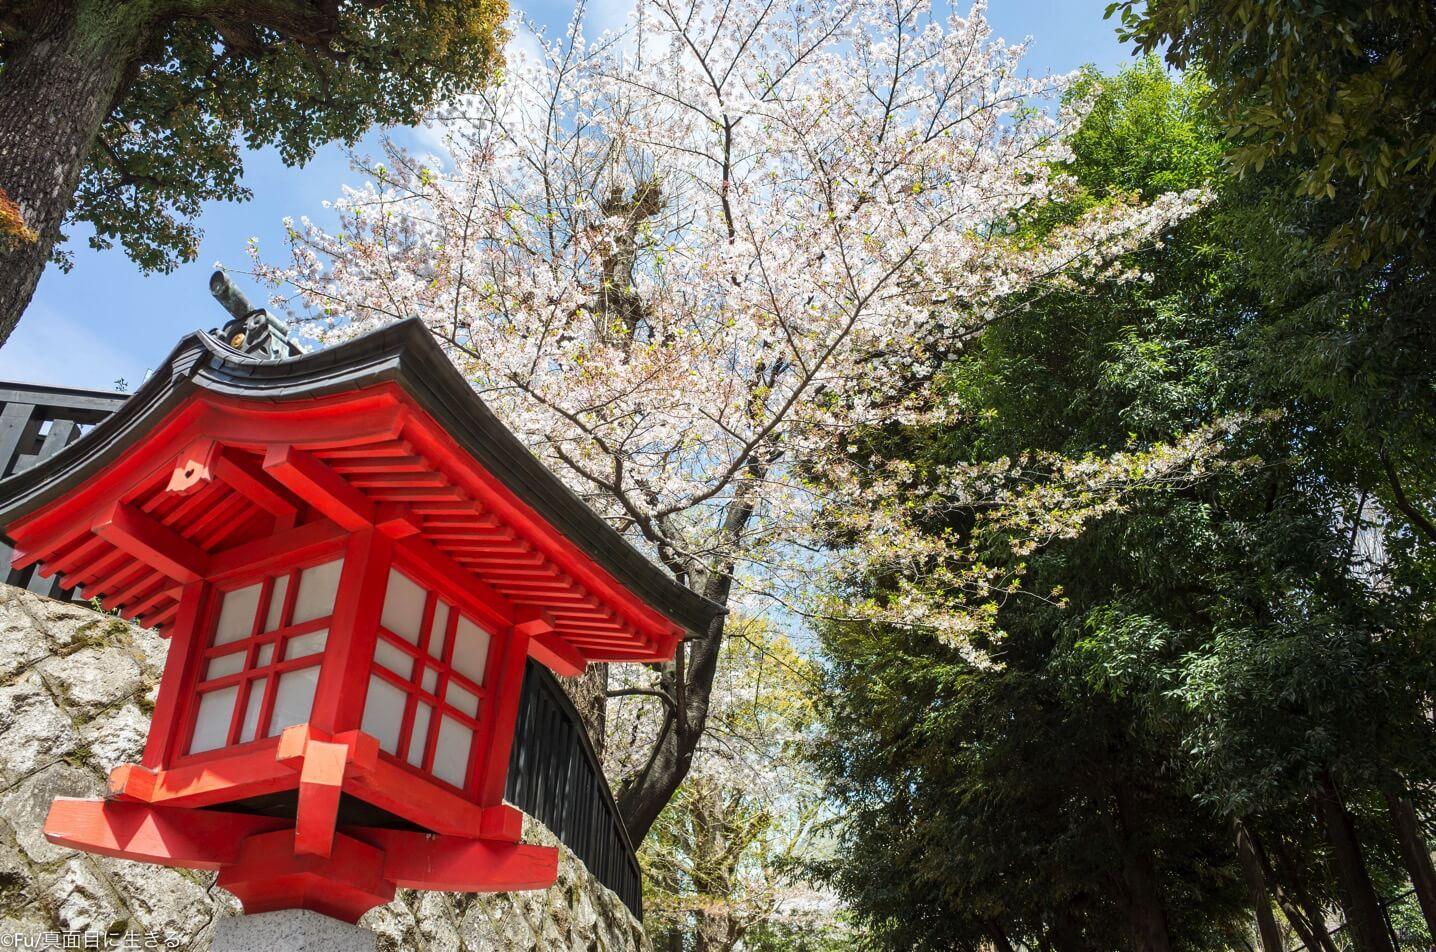 無職でも桜見ると暗い気持ちが吹き飛びますね! ついでに4月下旬以降桜が見られるスポットを調べた1日【Fu/真面目な日常】